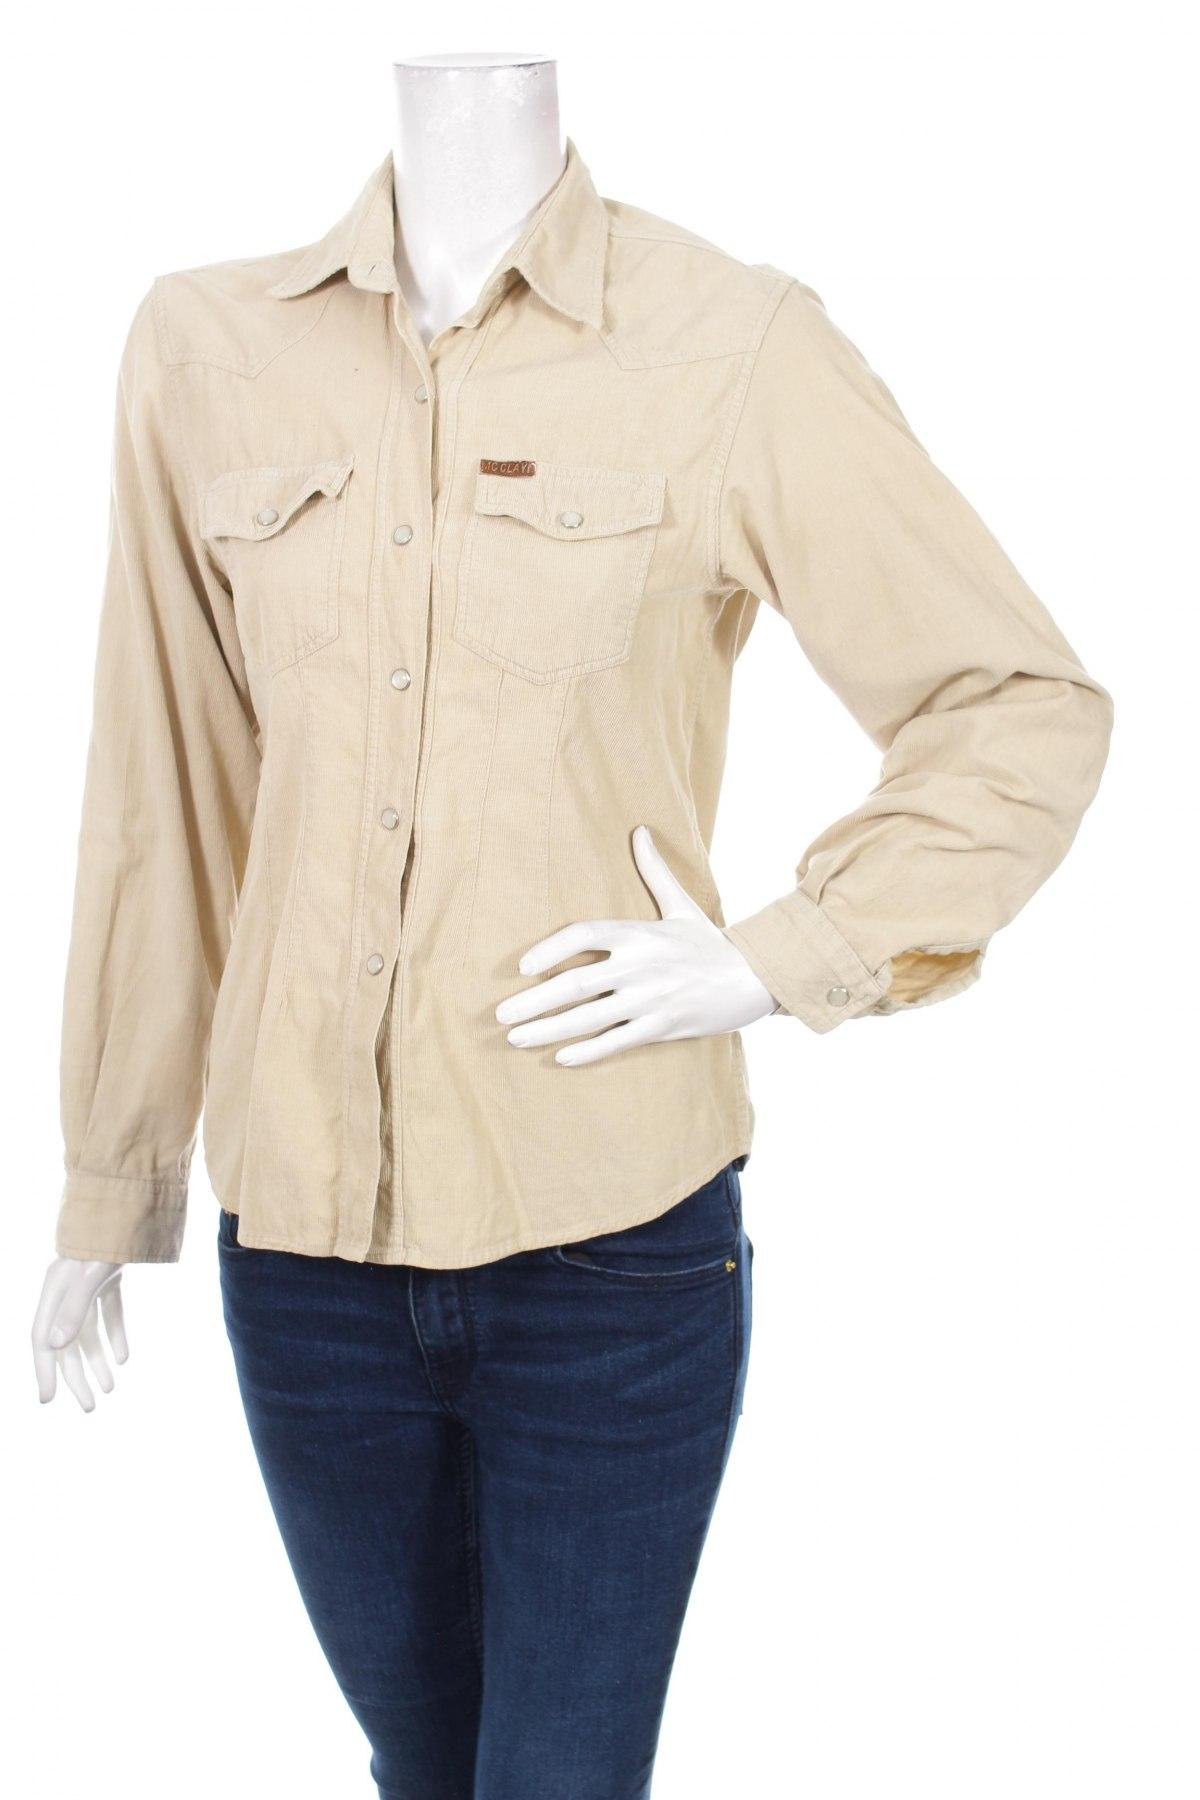 Γυναικείο πουκάμισο, Μέγεθος M, Χρώμα  Μπέζ, Τιμή 13,92€